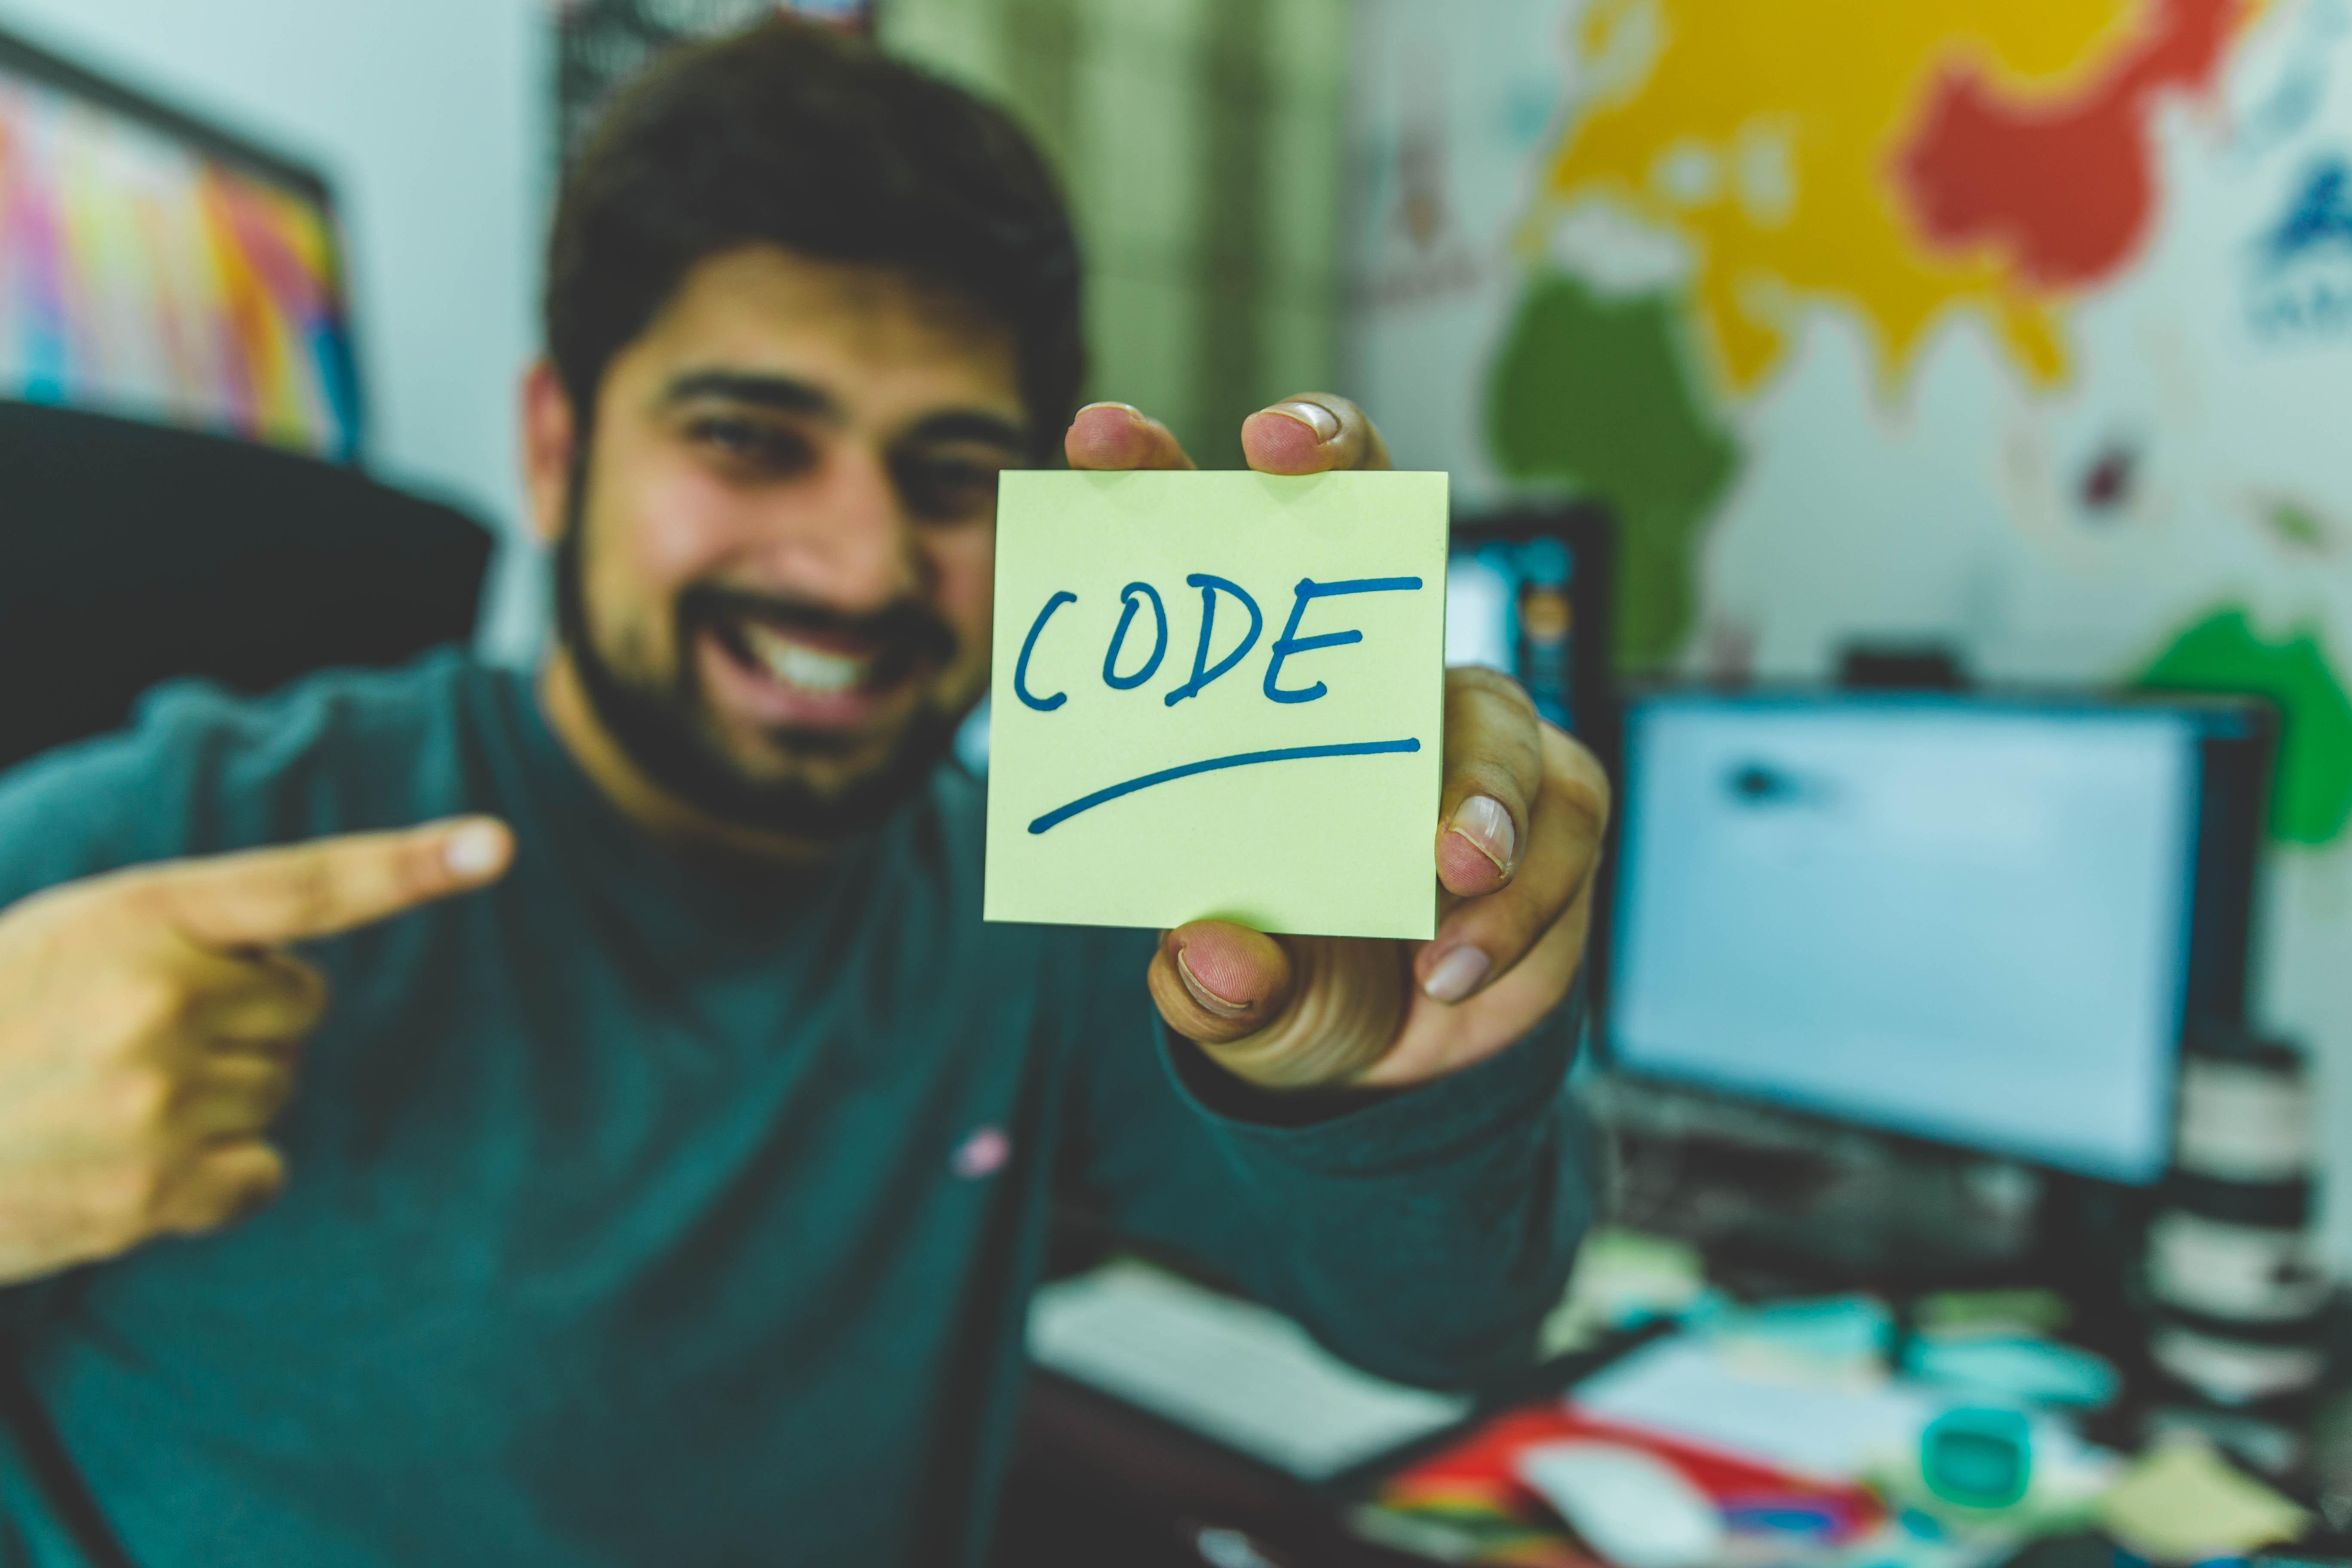 diseño web responsive y adaptativo